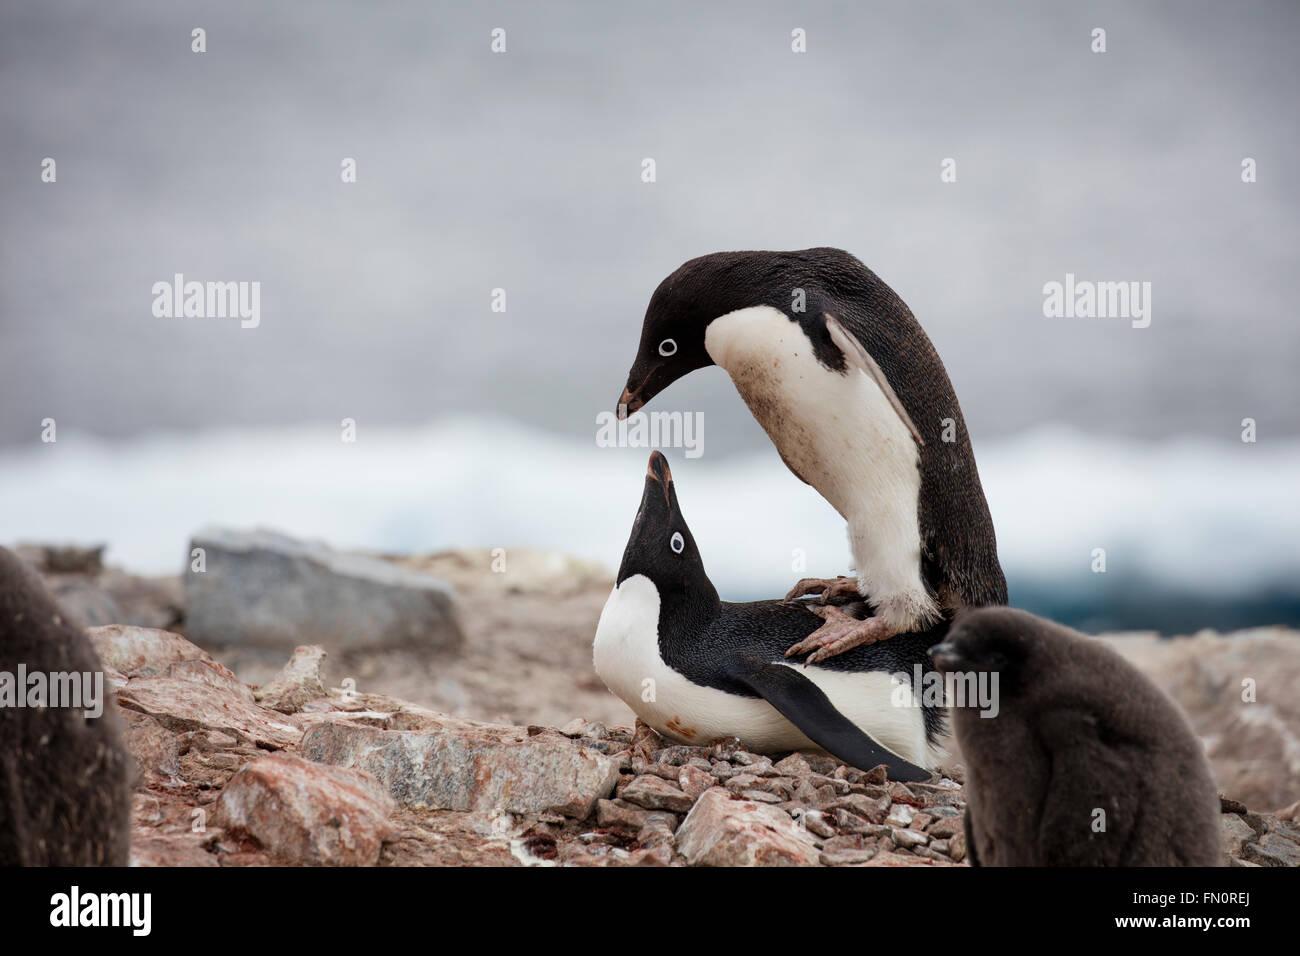 La Antártida, en la península Antártica, Isla Petermann, pingüinos Adelia, par de acoplamiento Imagen De Stock